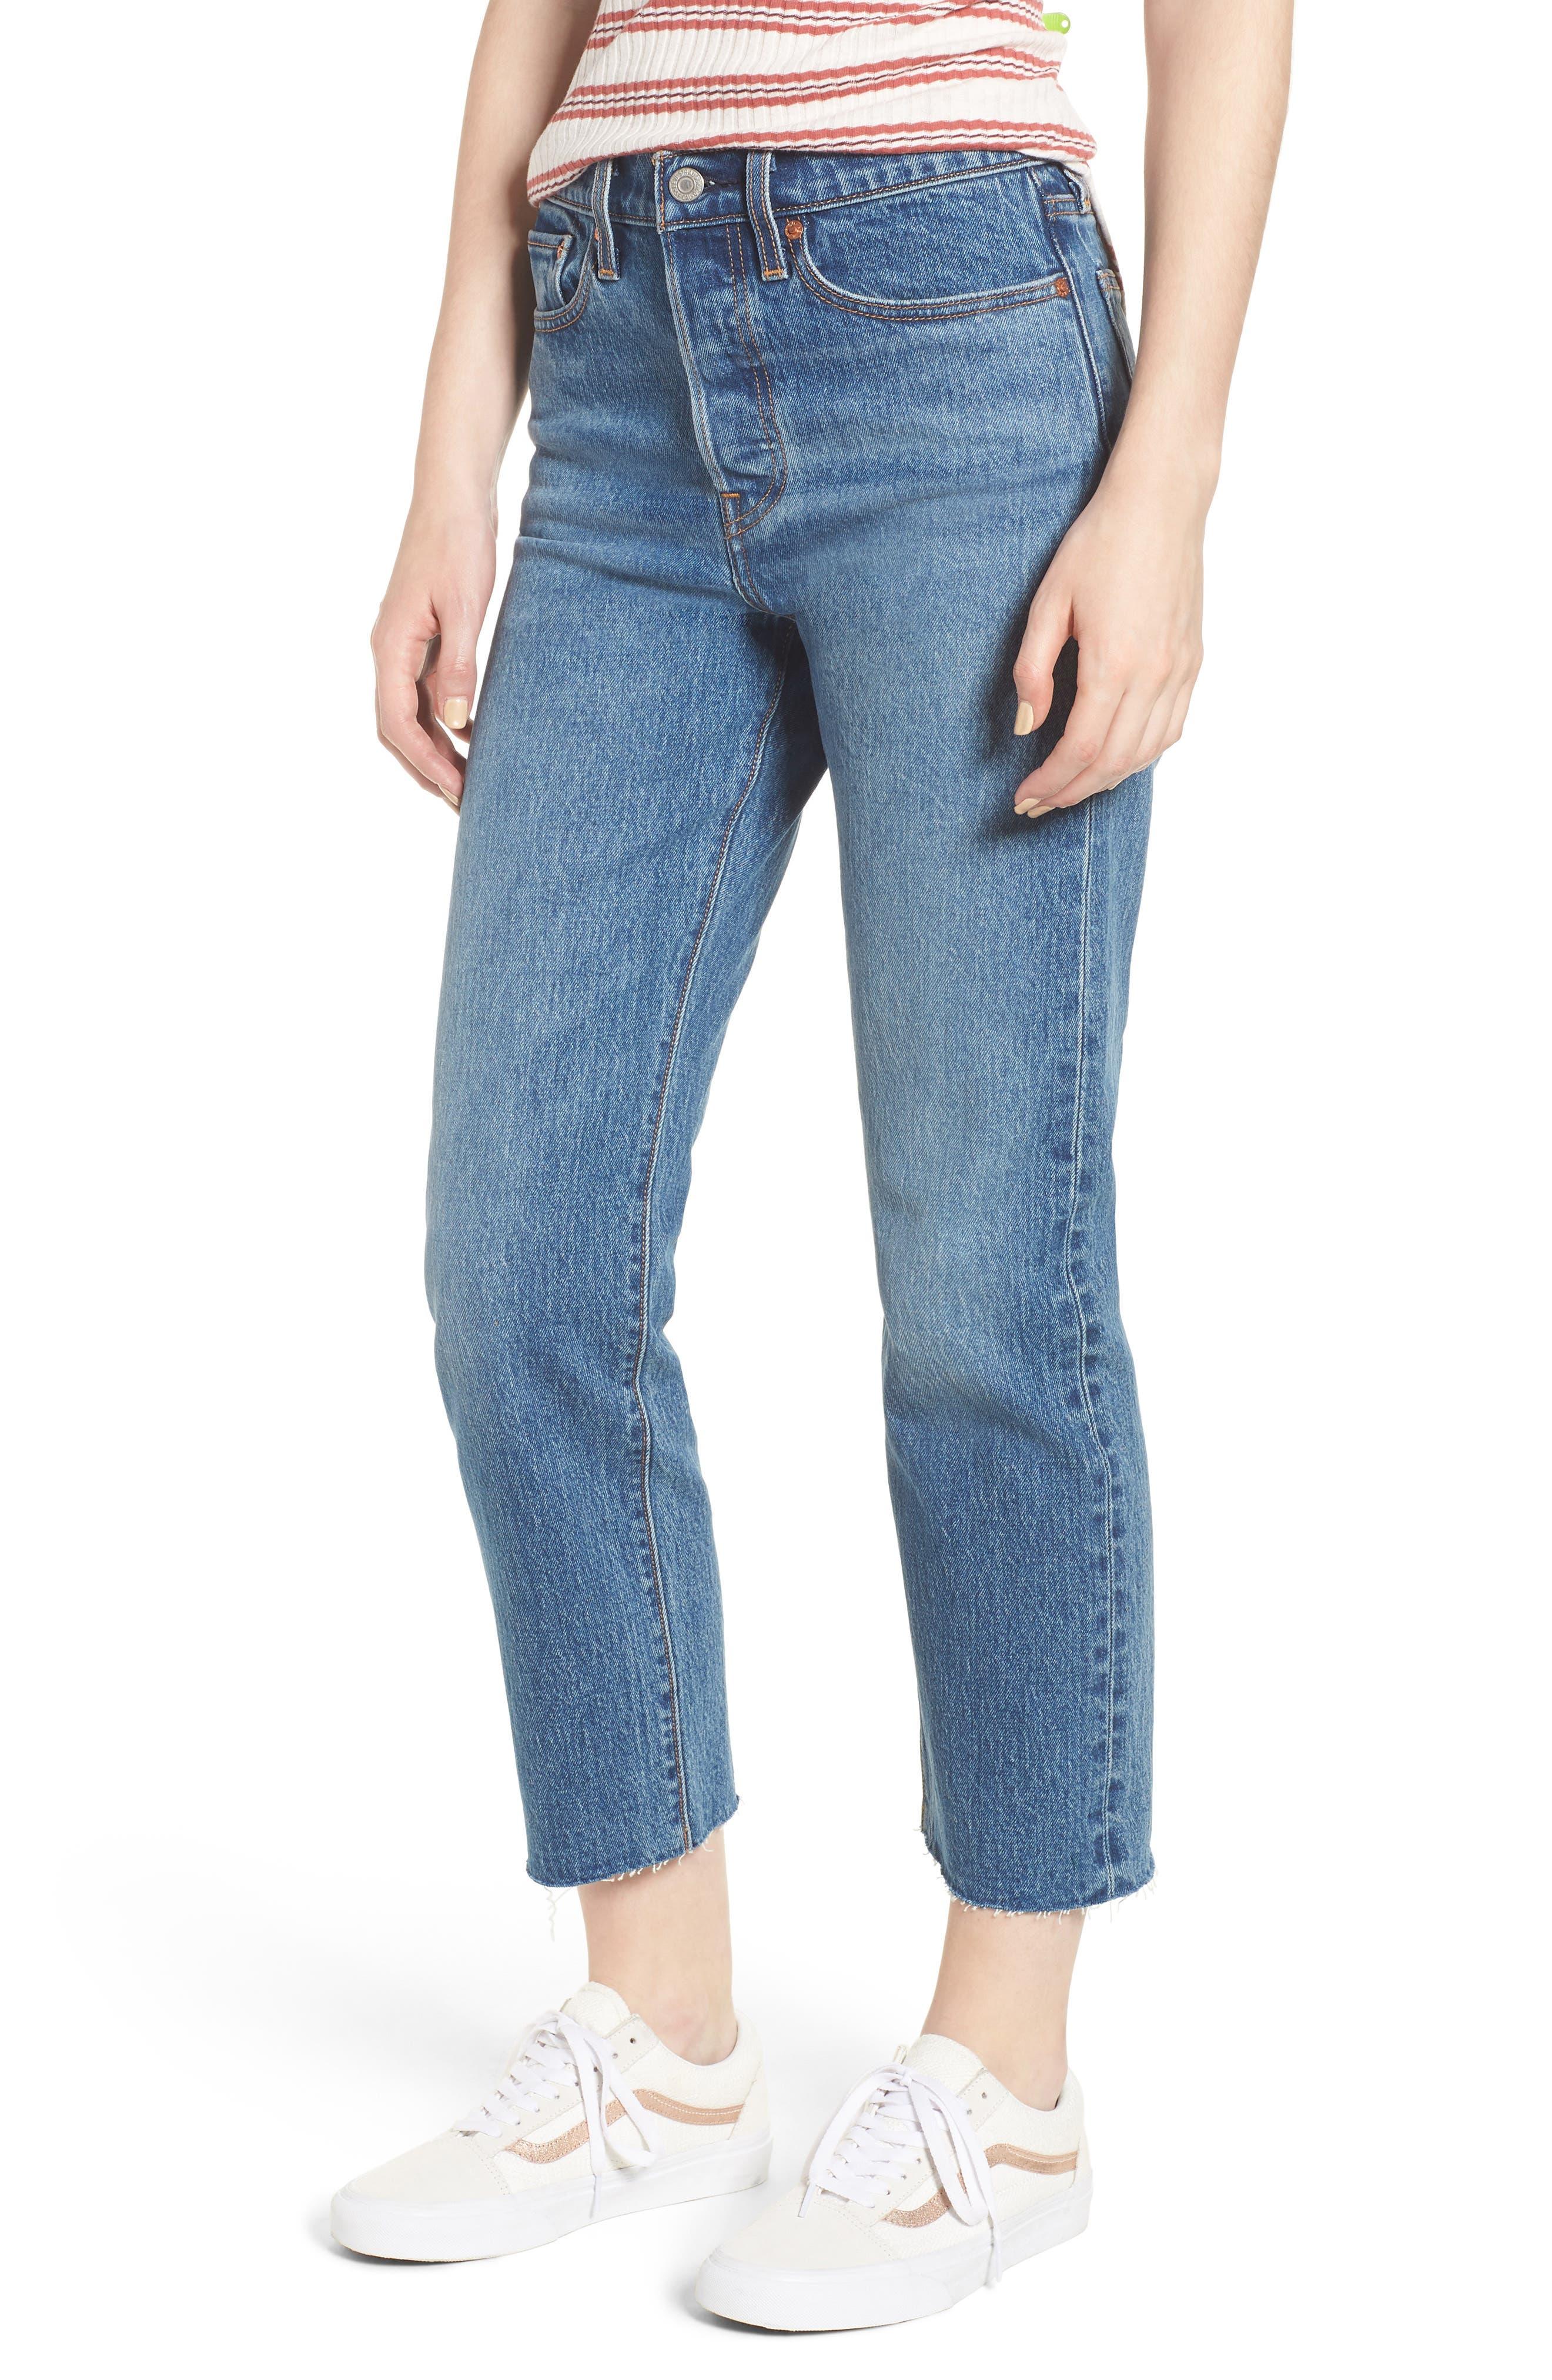 Women's Levi's Wedgie Raw Hem High Waist Straight Leg Jeans,  32 x 26 - Blue